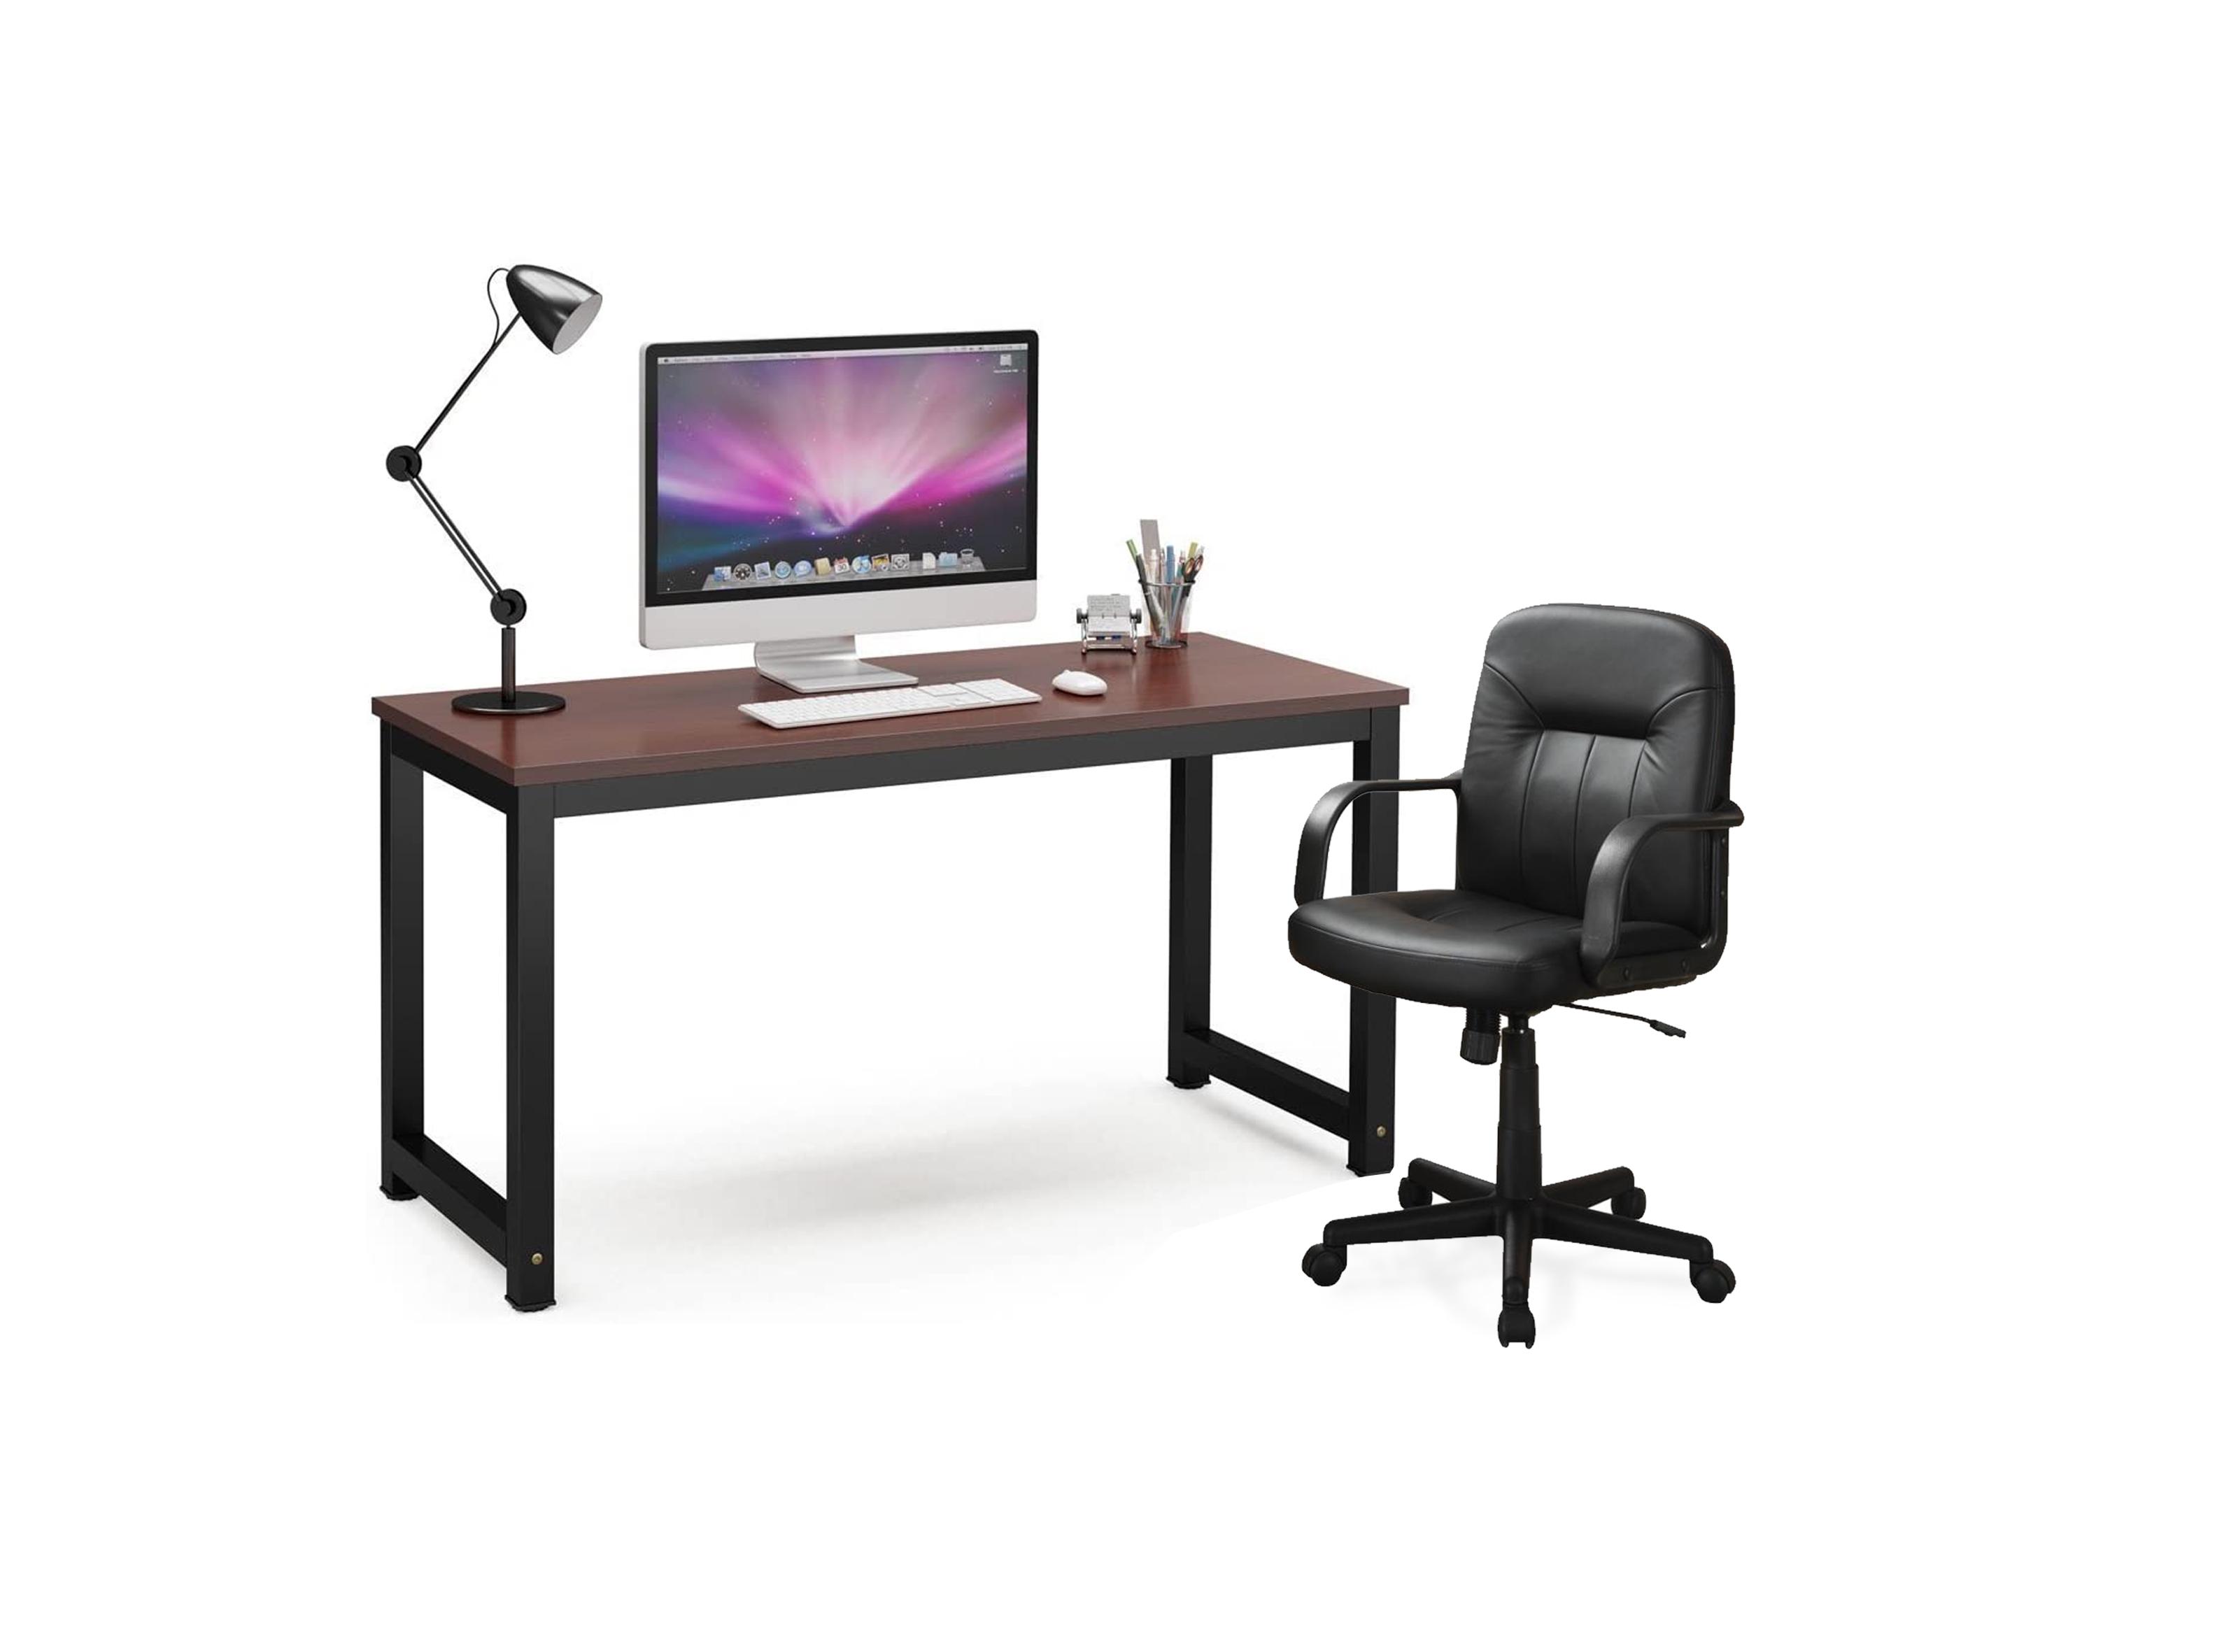 Kurtz Home Office Set